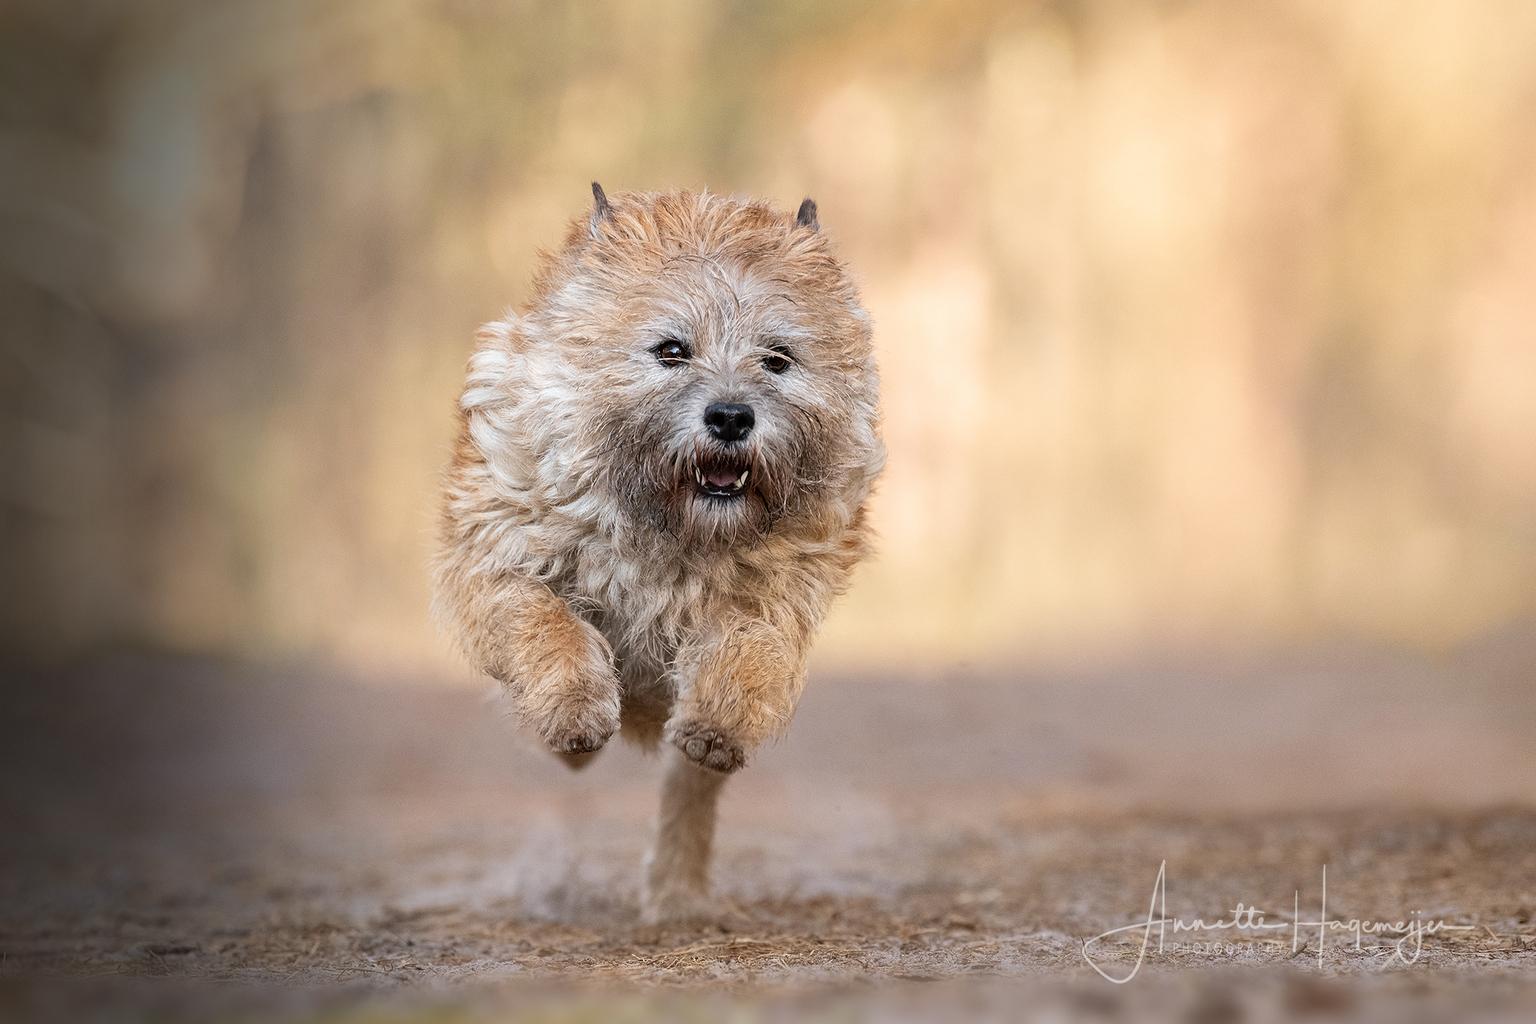 Leeuw of hond? ;-) - Cairn terrier Yara verandert in een leeuwtje als ze in actie komt! - foto door AnnetteHagemeijer op 18-04-2021 - locatie: Drenthe, Nederland - deze foto bevat: actiefoto, actie, hond, huisdier, dier, cairn terrier, terrier, kleine hond, buiten, hond, carnivoor, hondenras, metgezel hond, fawn, snuit, kleine terriër, terriër, terrestrische dieren, sportieve groep